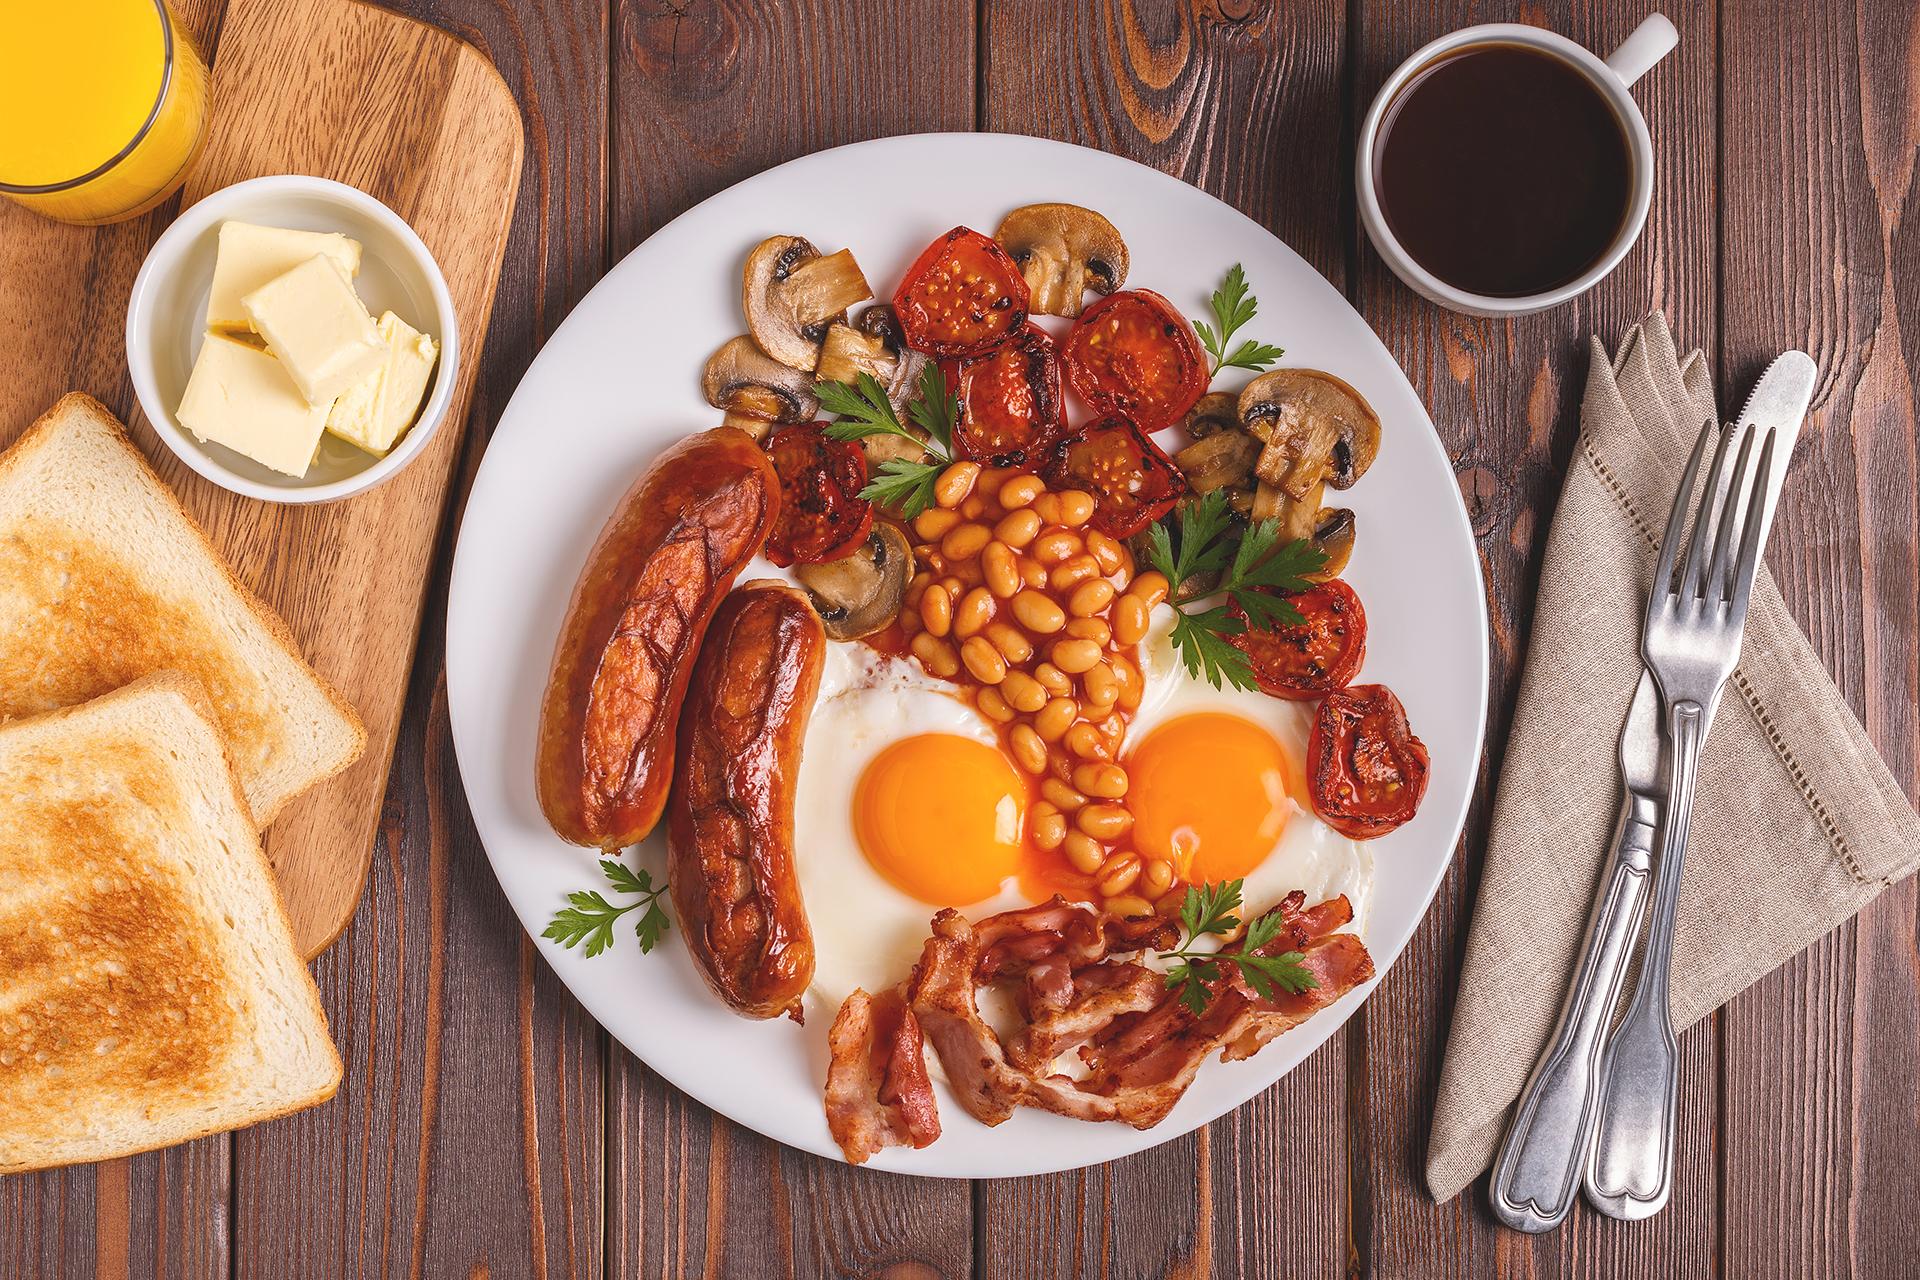 El famoso desayuno inglés completo tiene un poco de todo, desde papas hash, frijoles horneados, verduras asadas, salchichas y huevos